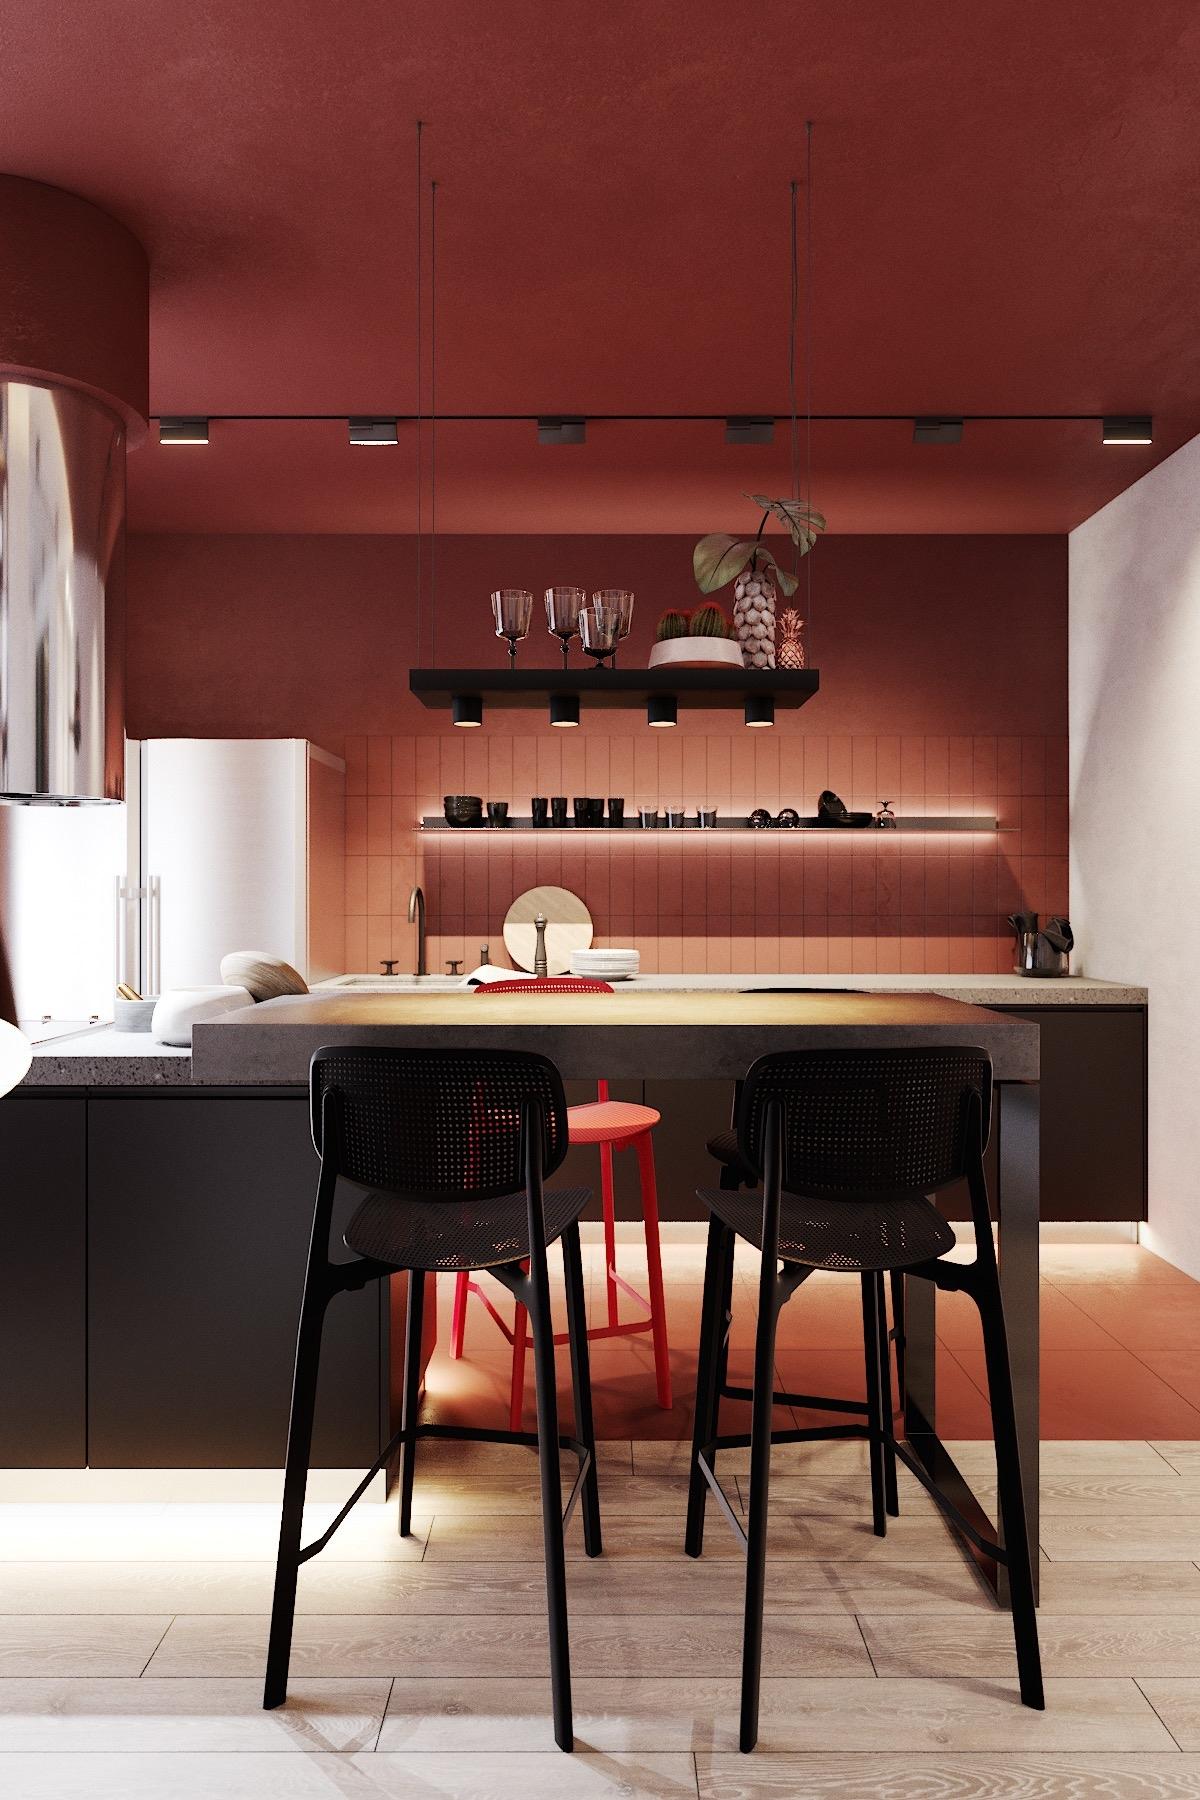 Nồng nàn, pha chút bí ẩn, quyến rũ, là ấn tượng của khách khi bước vào căn bếp này. Màu đen của bàn ghế bar rất hợp với tông đỏ mận của tủ bếp.